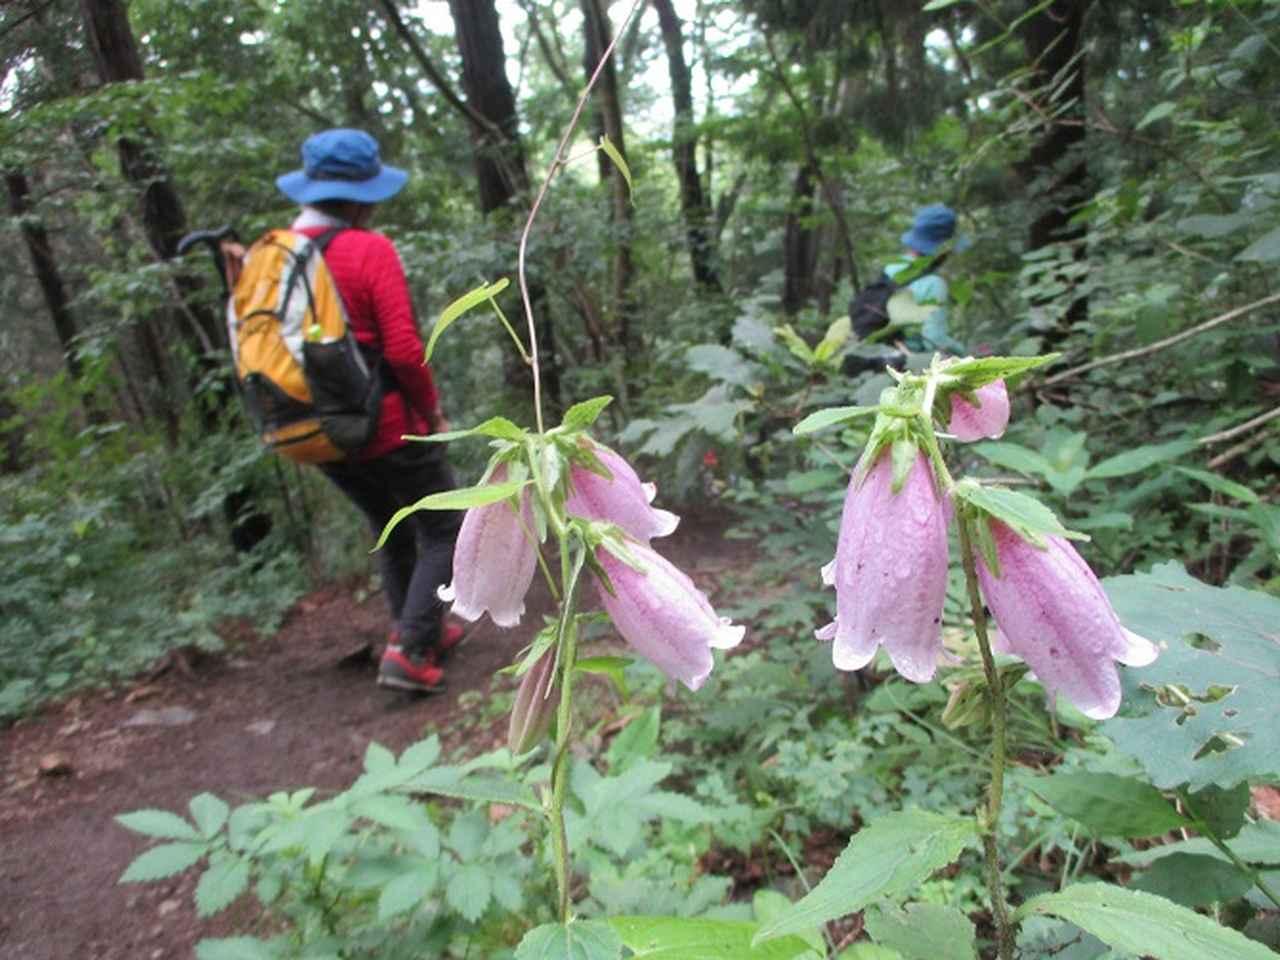 画像13: 7月13日に岡田ガイドの現地集合コースで、 陣馬山 へ行ってきました♪